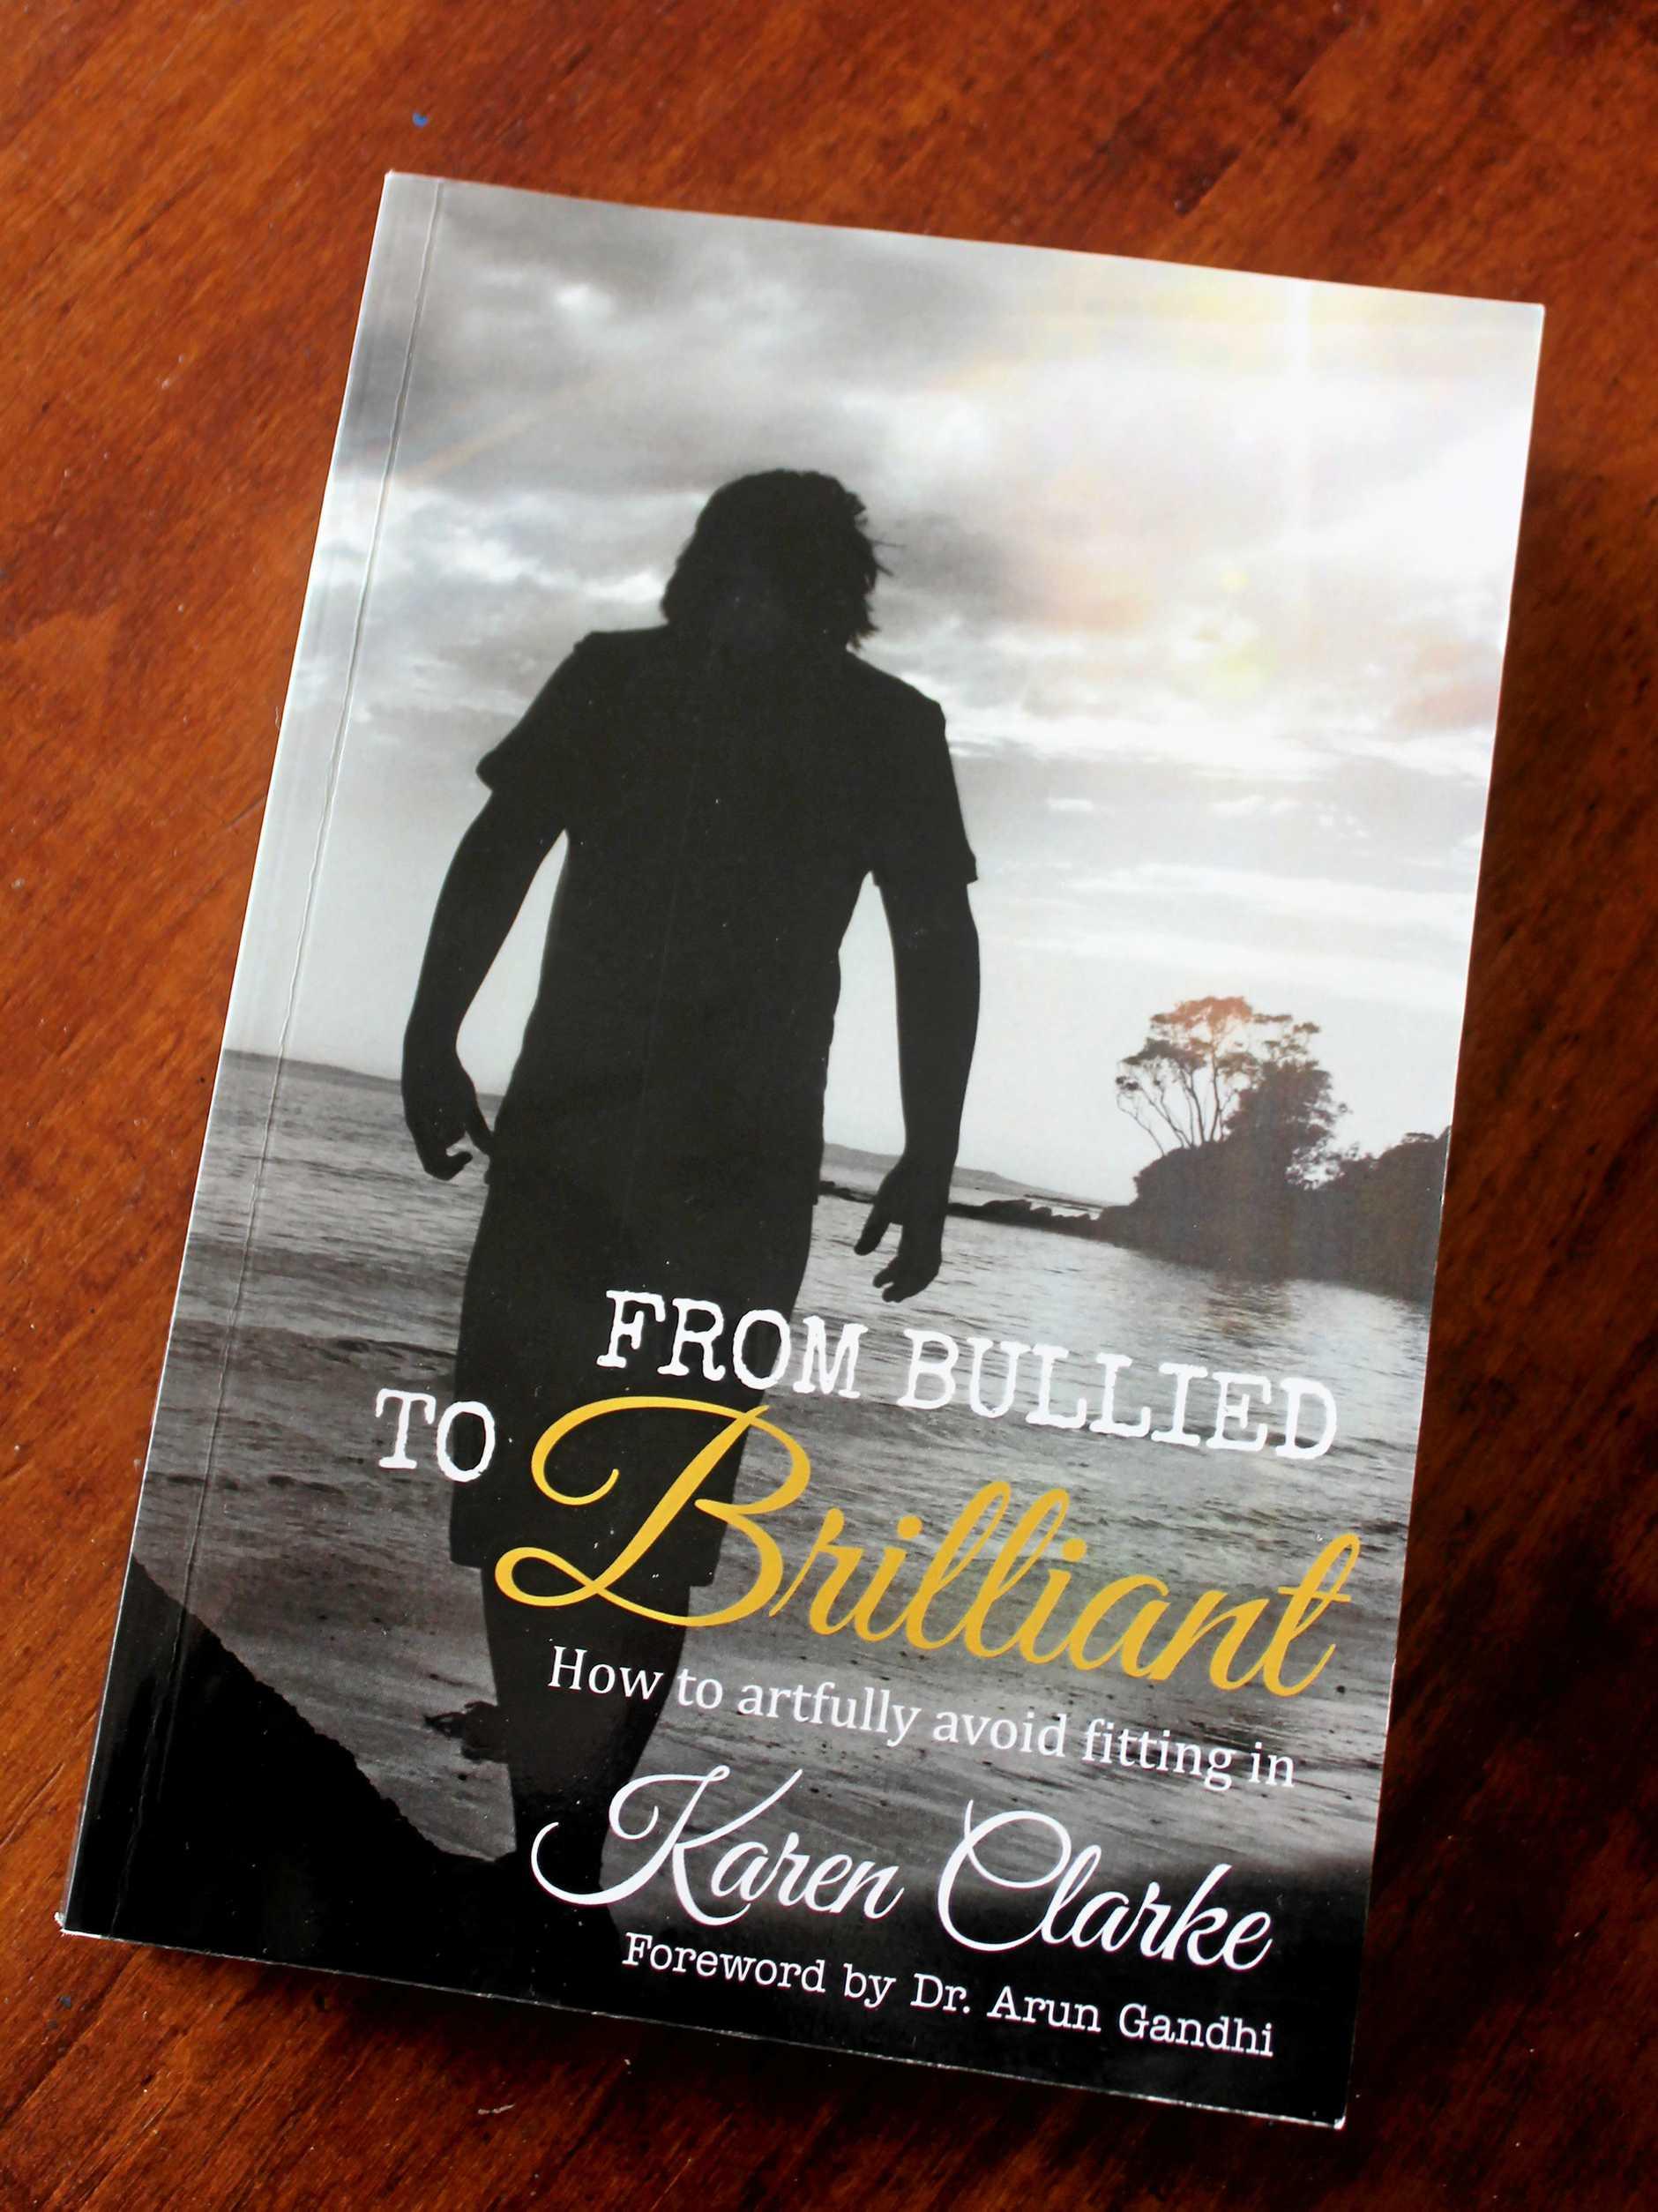 Karen Clarke's book.